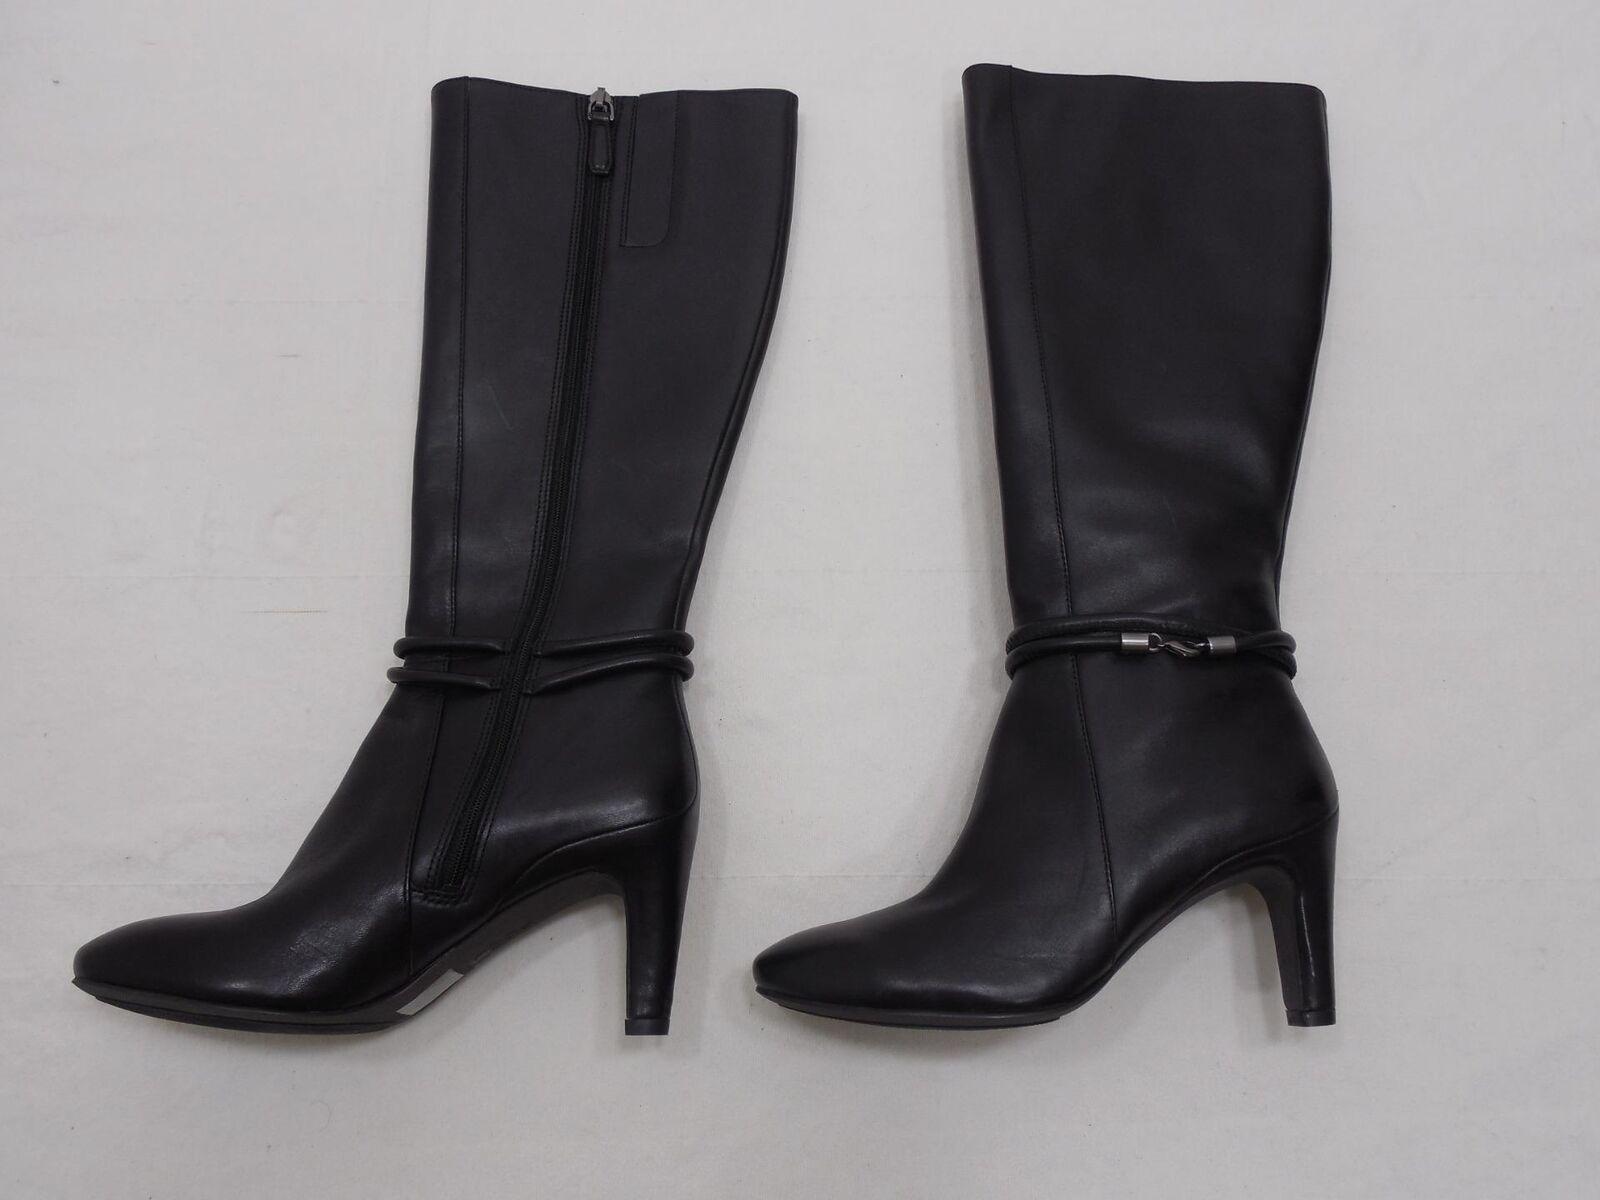 Ecco Chaussures Femme en Cuir Noir 7.5 Fermeture Éclair Latérale Équitation Bottes Hautes Équitation Bride Cheville